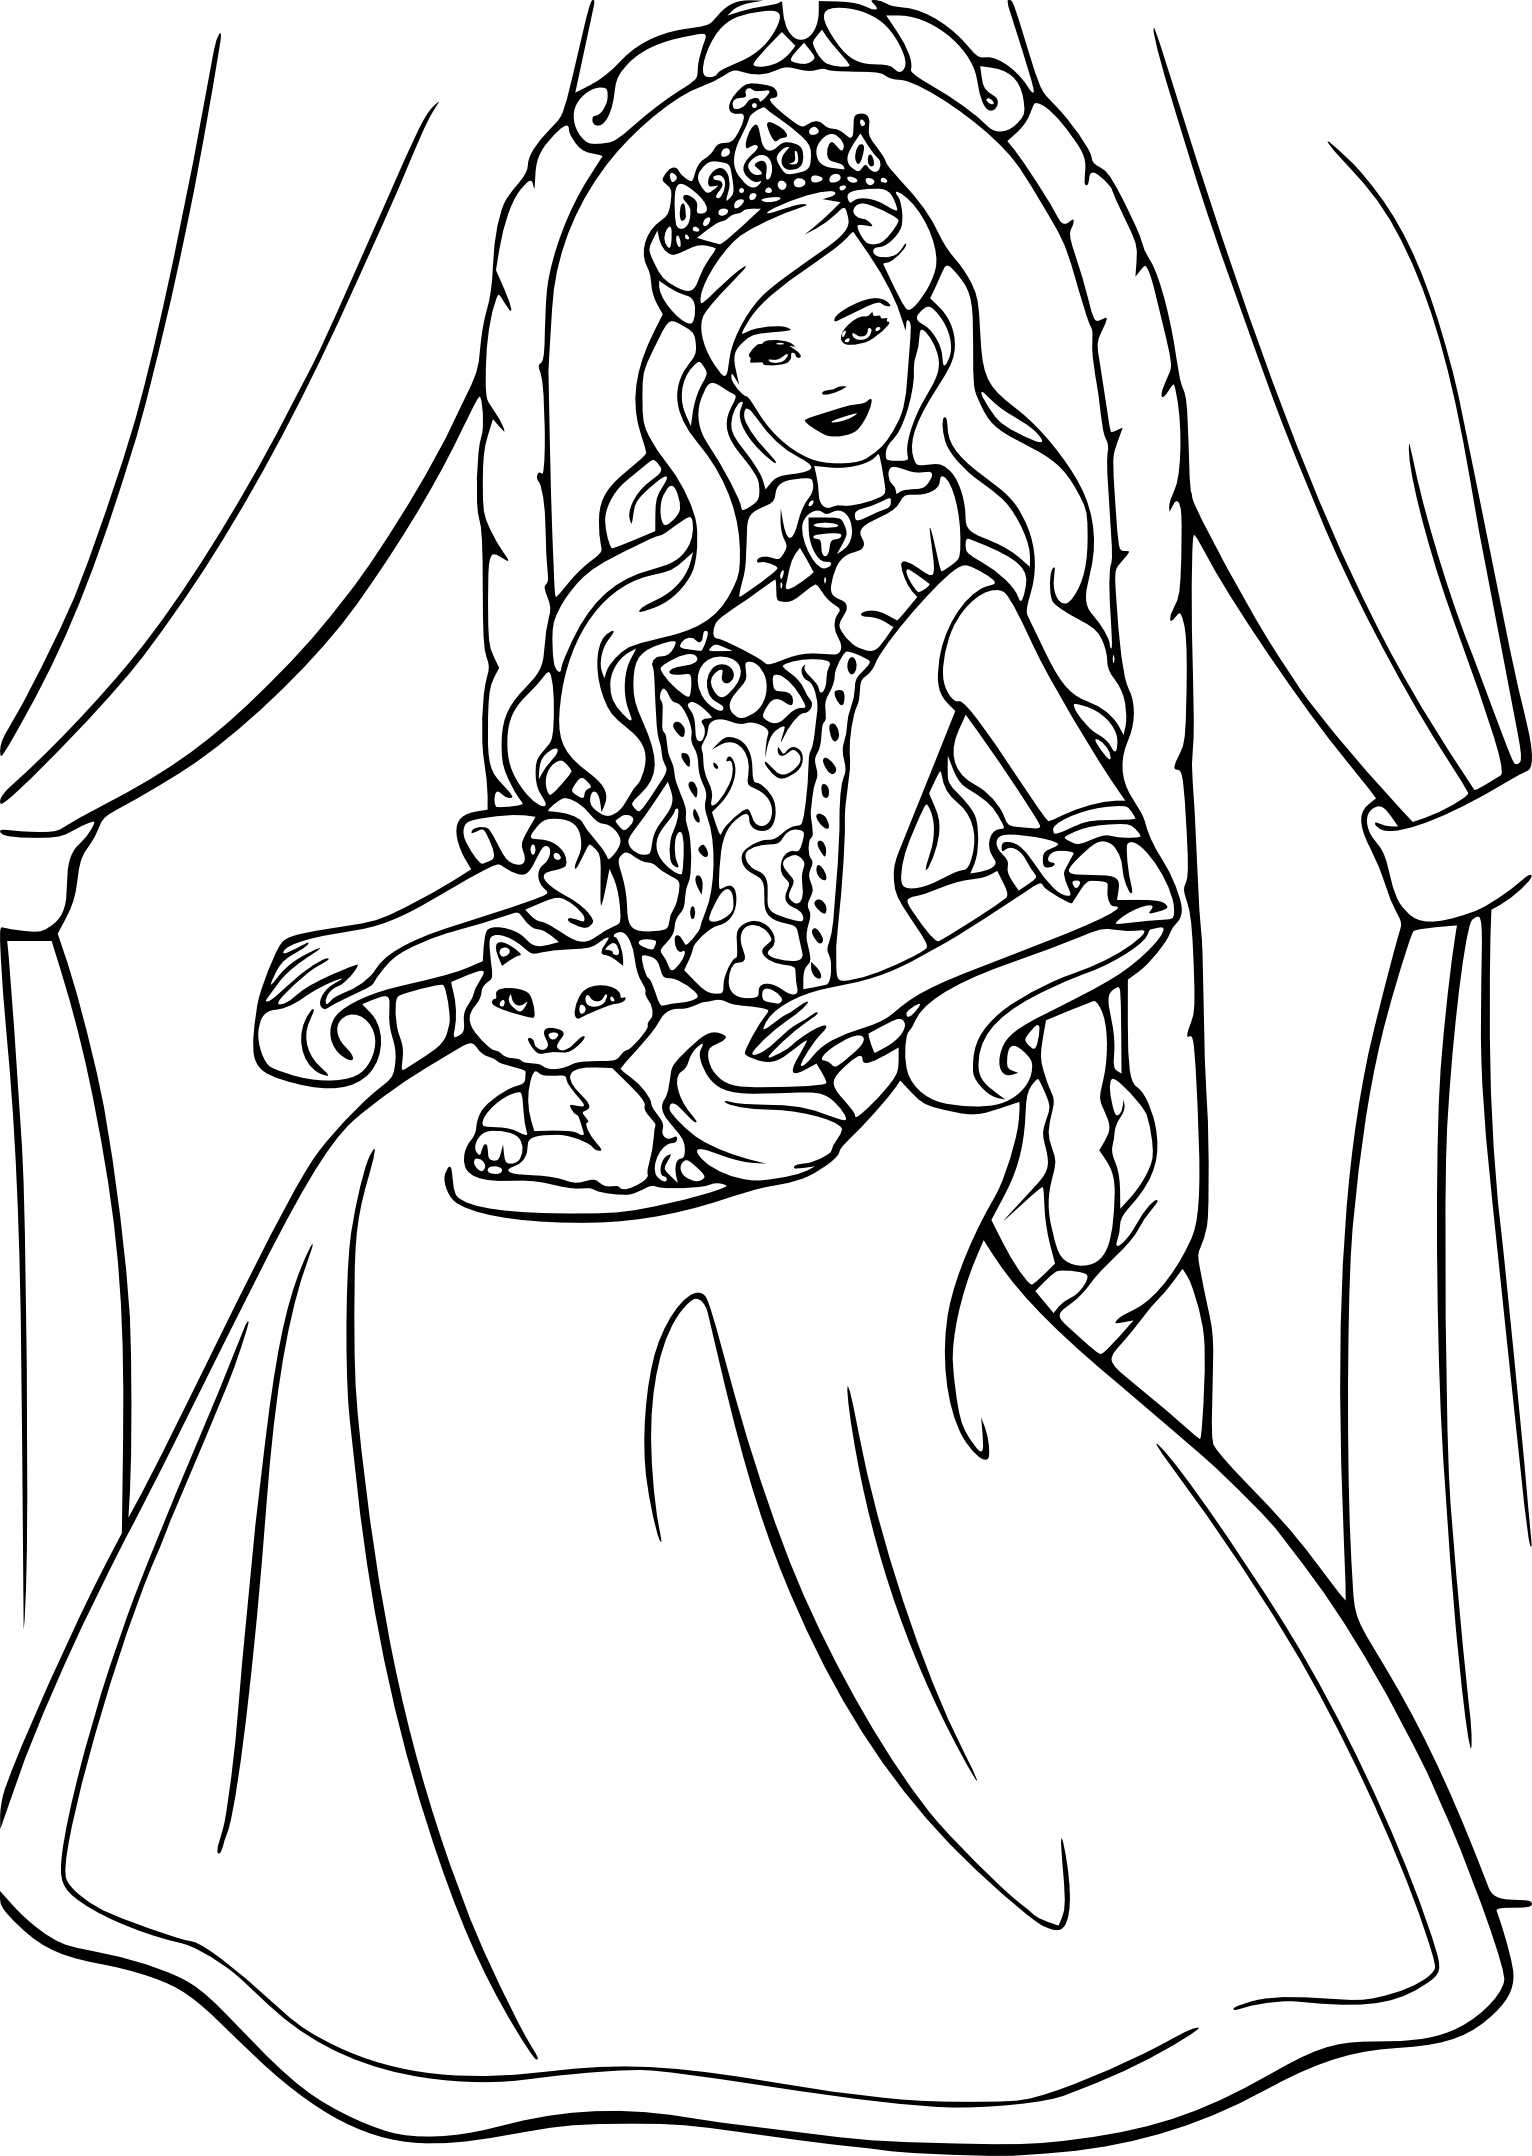 Coloriage Princesse Barbie À Imprimer Et Colorier encequiconcerne Coloriage Princesse